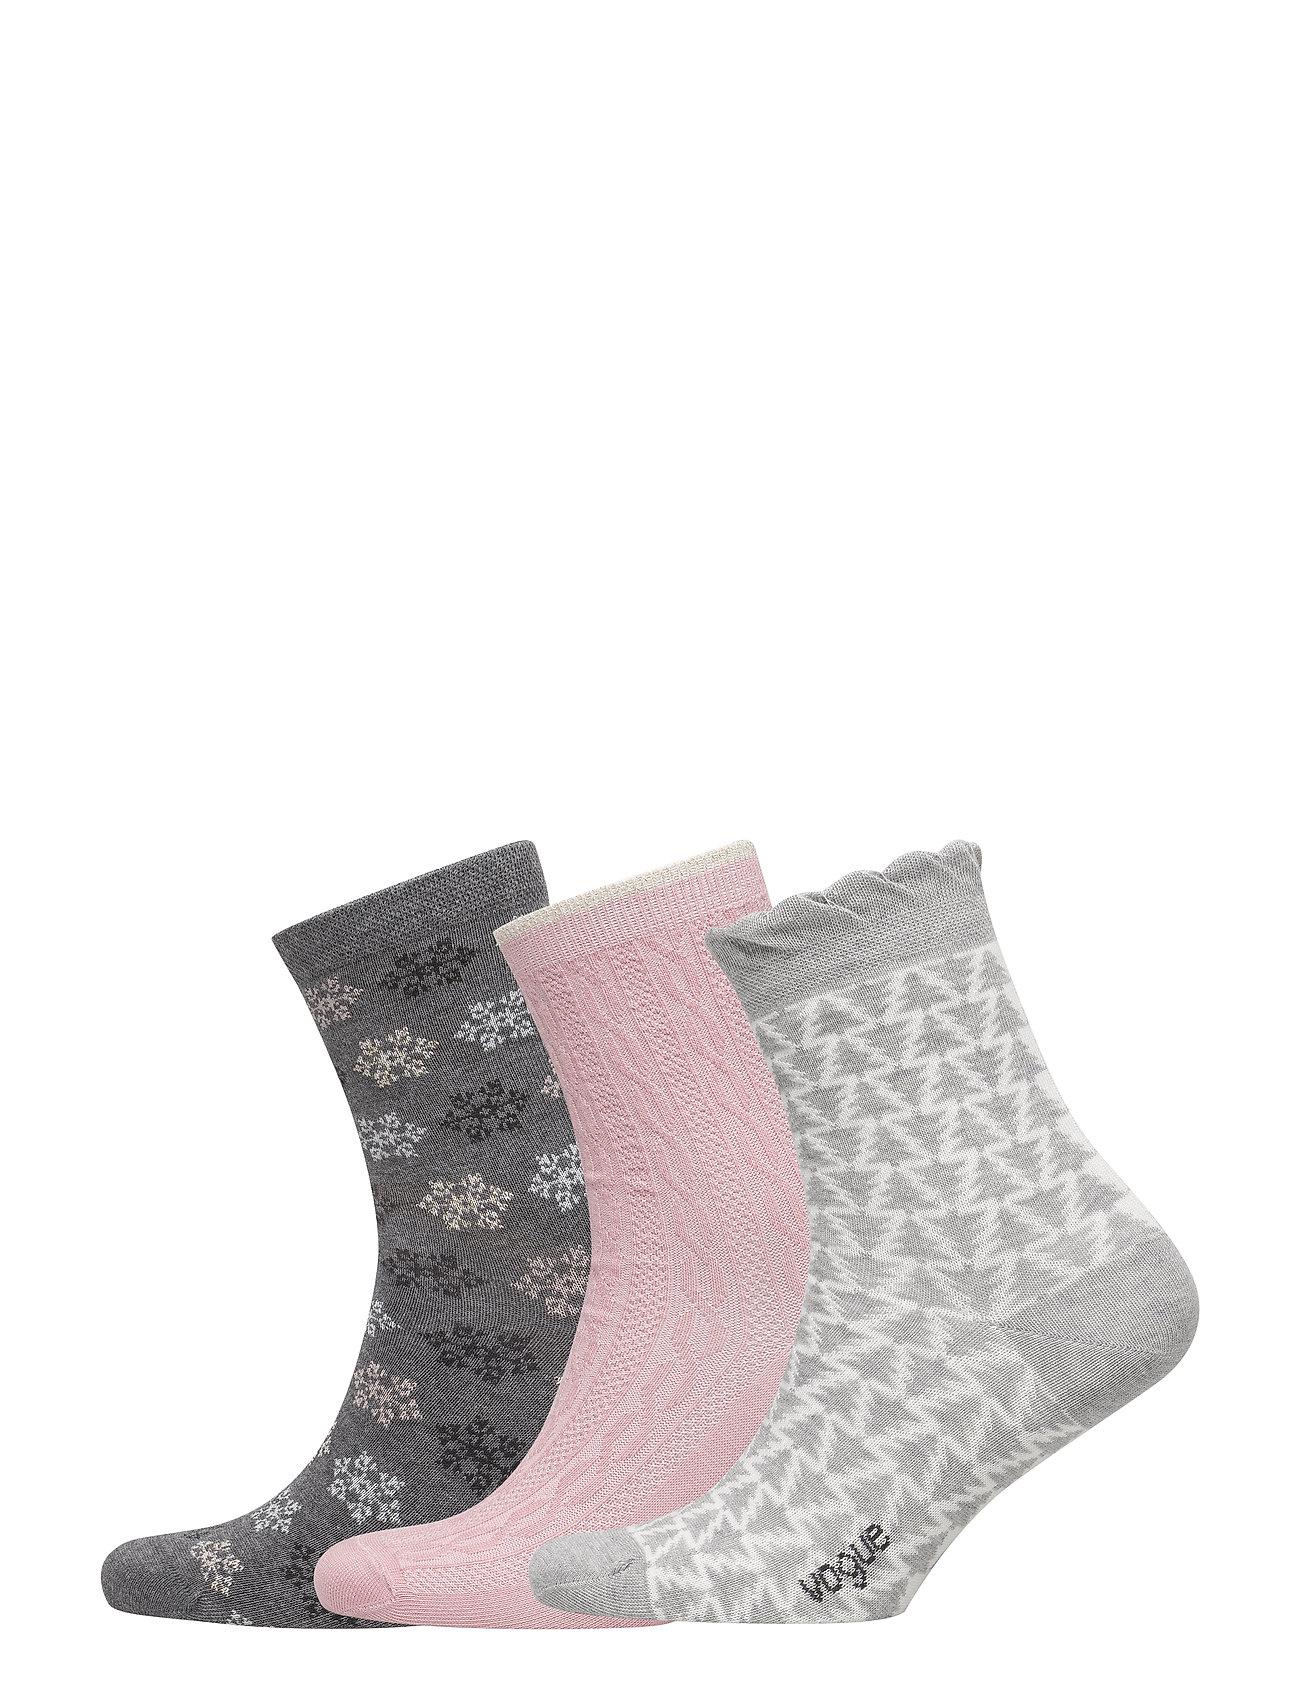 Ladies Anklesock, Winter Socks, 3-Pack